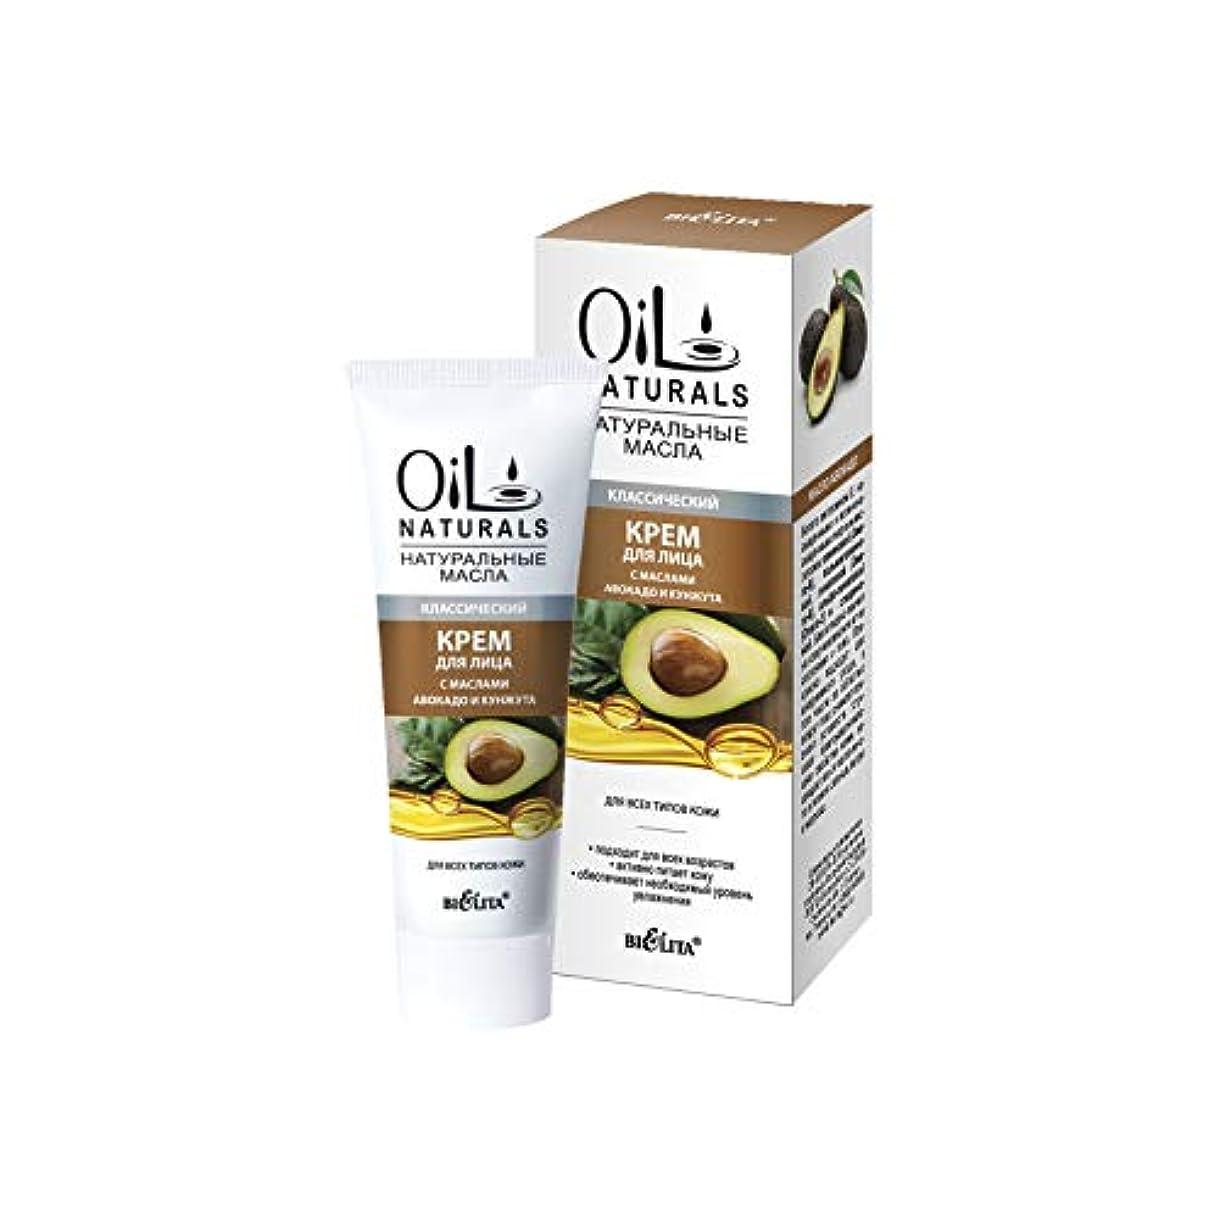 伝染性のセメント野心Bielita & Vitex |Oil Naturals Line | Classic Moisturizing Face Cream, for All Skin Types, 50 ml | Avocado Oil,...